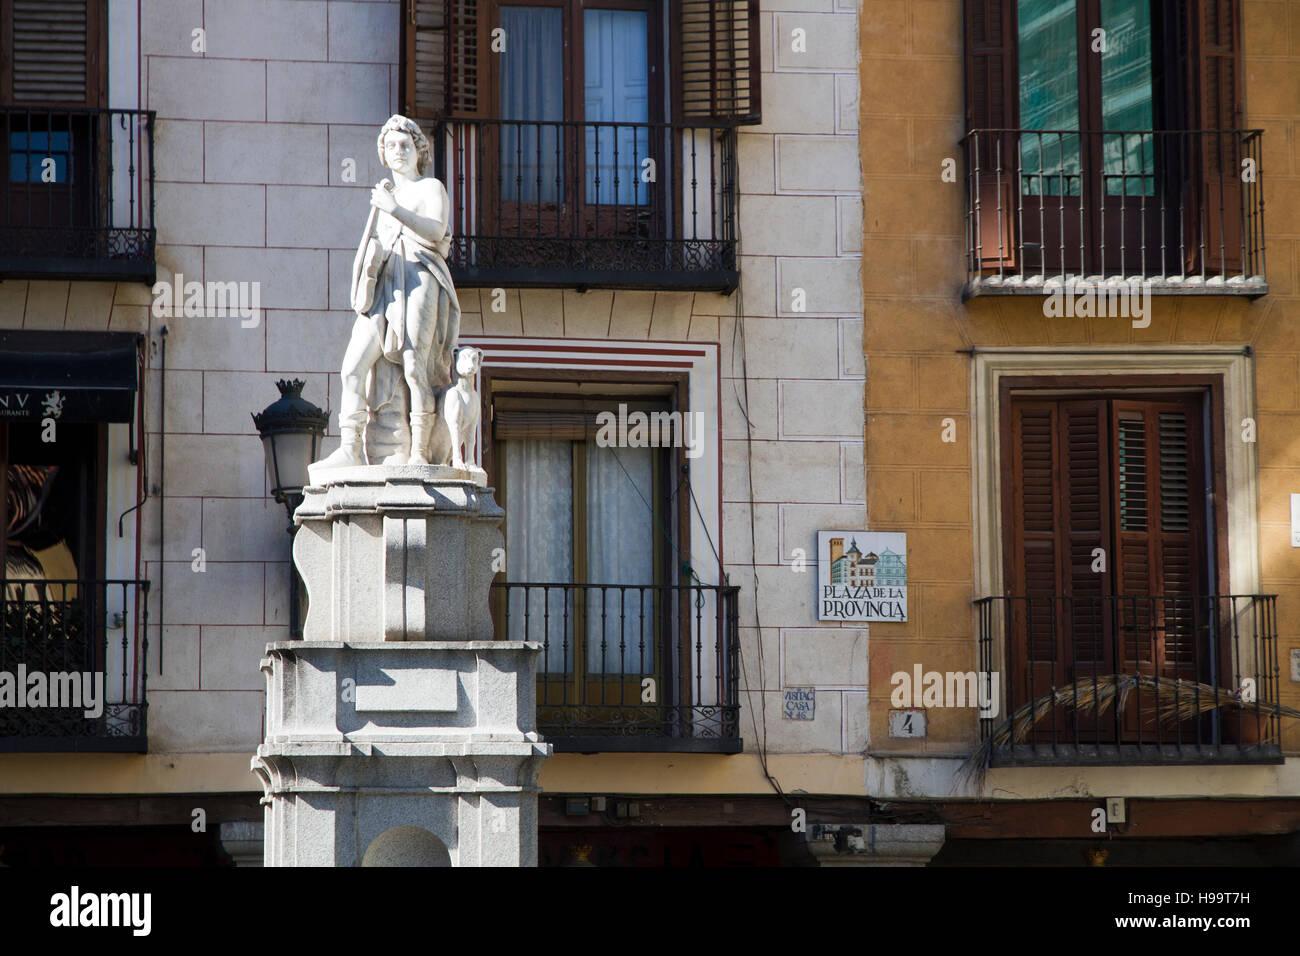 """Madrid, España """"Plaza de la Provincia' estatua Imagen De Stock"""